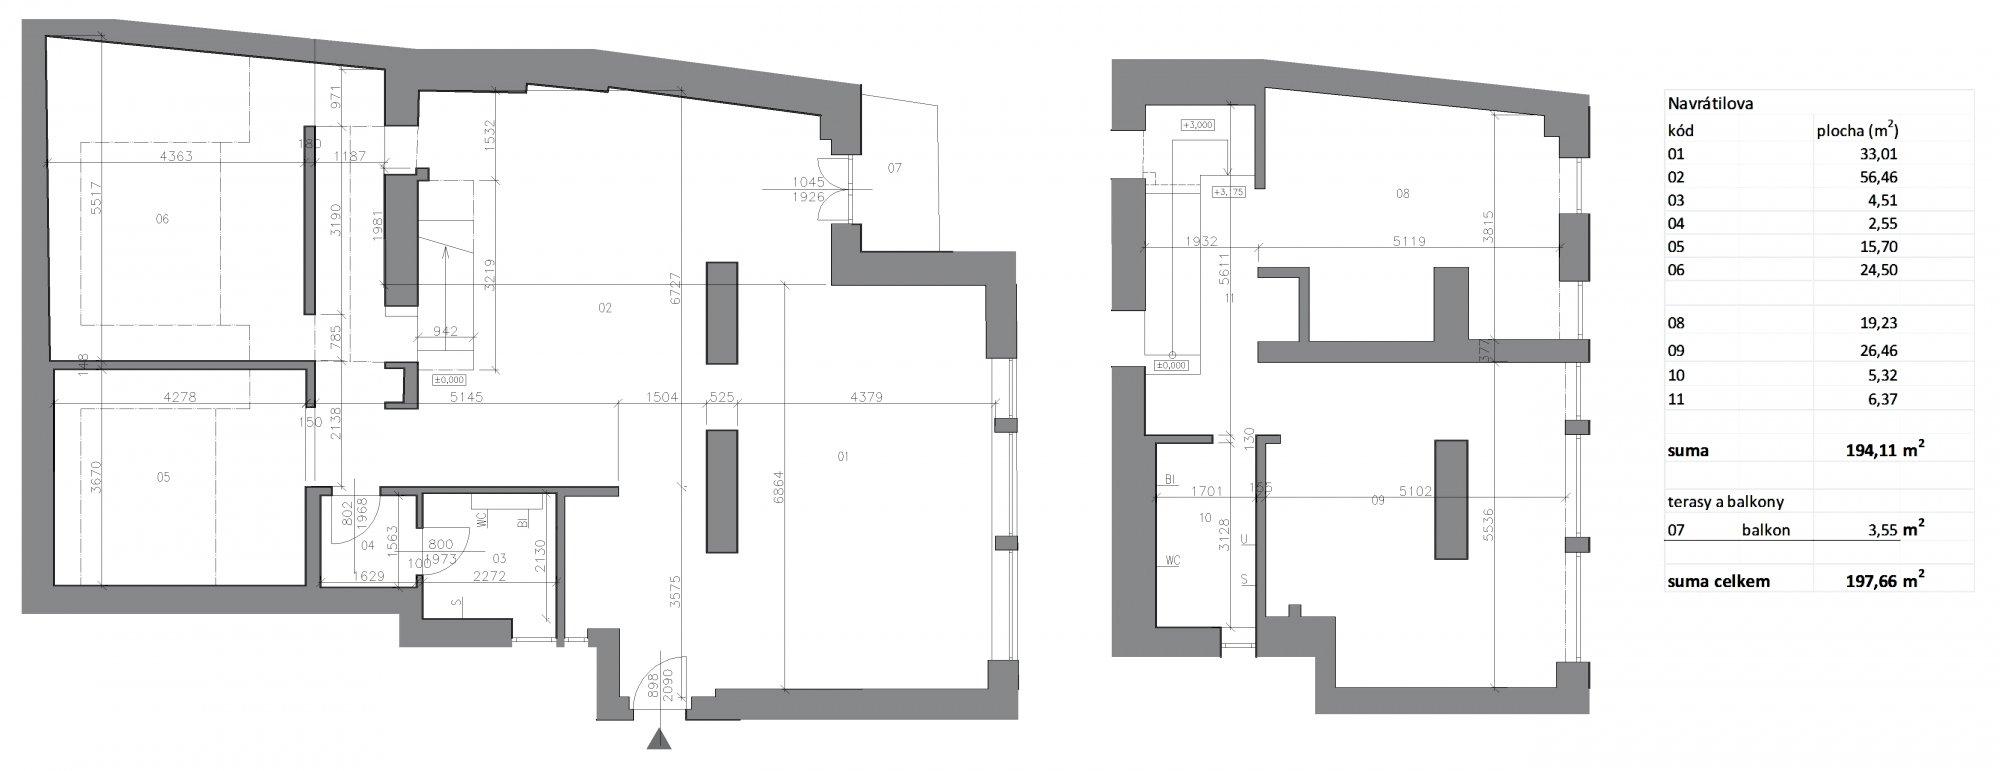 Půdorys - Půdní byt 5+kk, plocha 198 m², ulice Navrátilova, Praha 1 - Nové Město